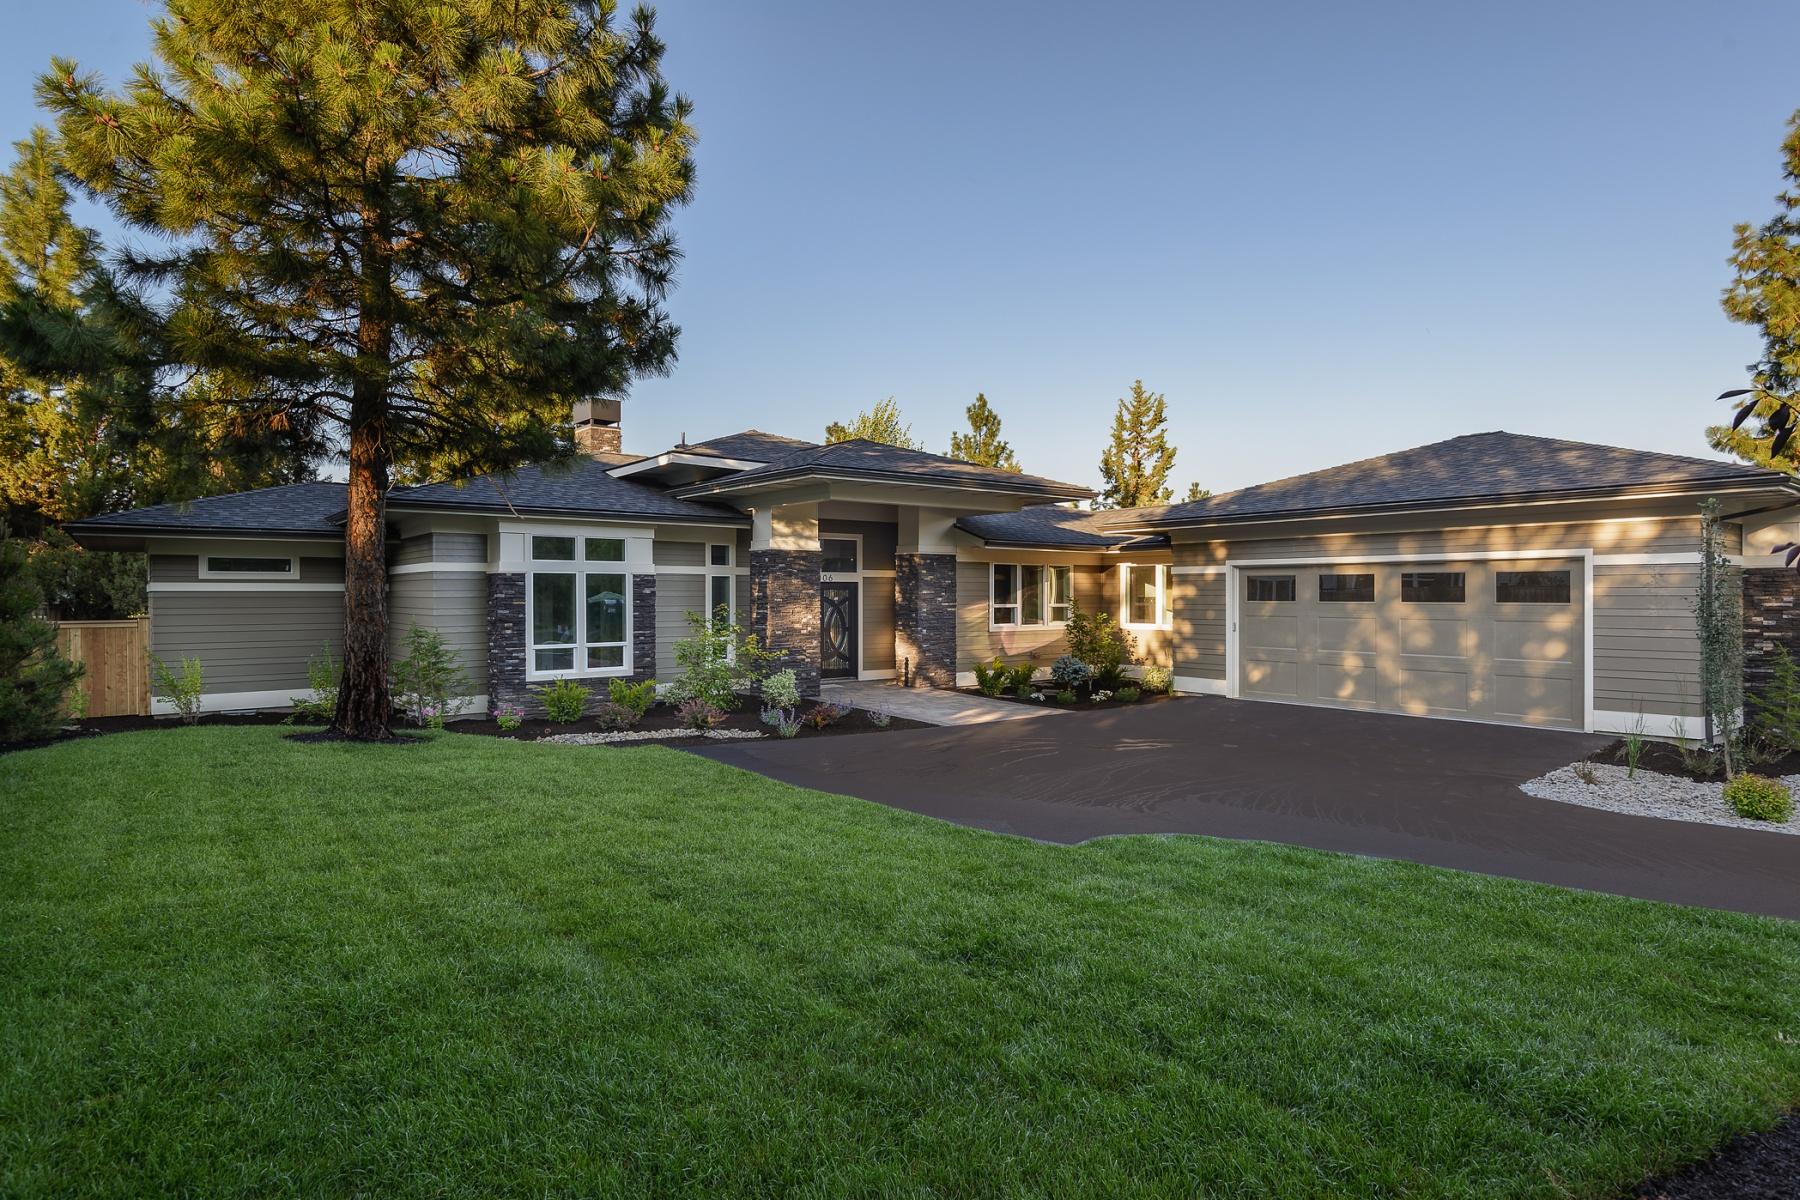 Nhà ở một gia đình vì Bán tại 3406 NW Bryce Canyon Lane, BEND 3406 NW Bryce Canyon Ln Bend, Oregon, 97703 Hoa Kỳ